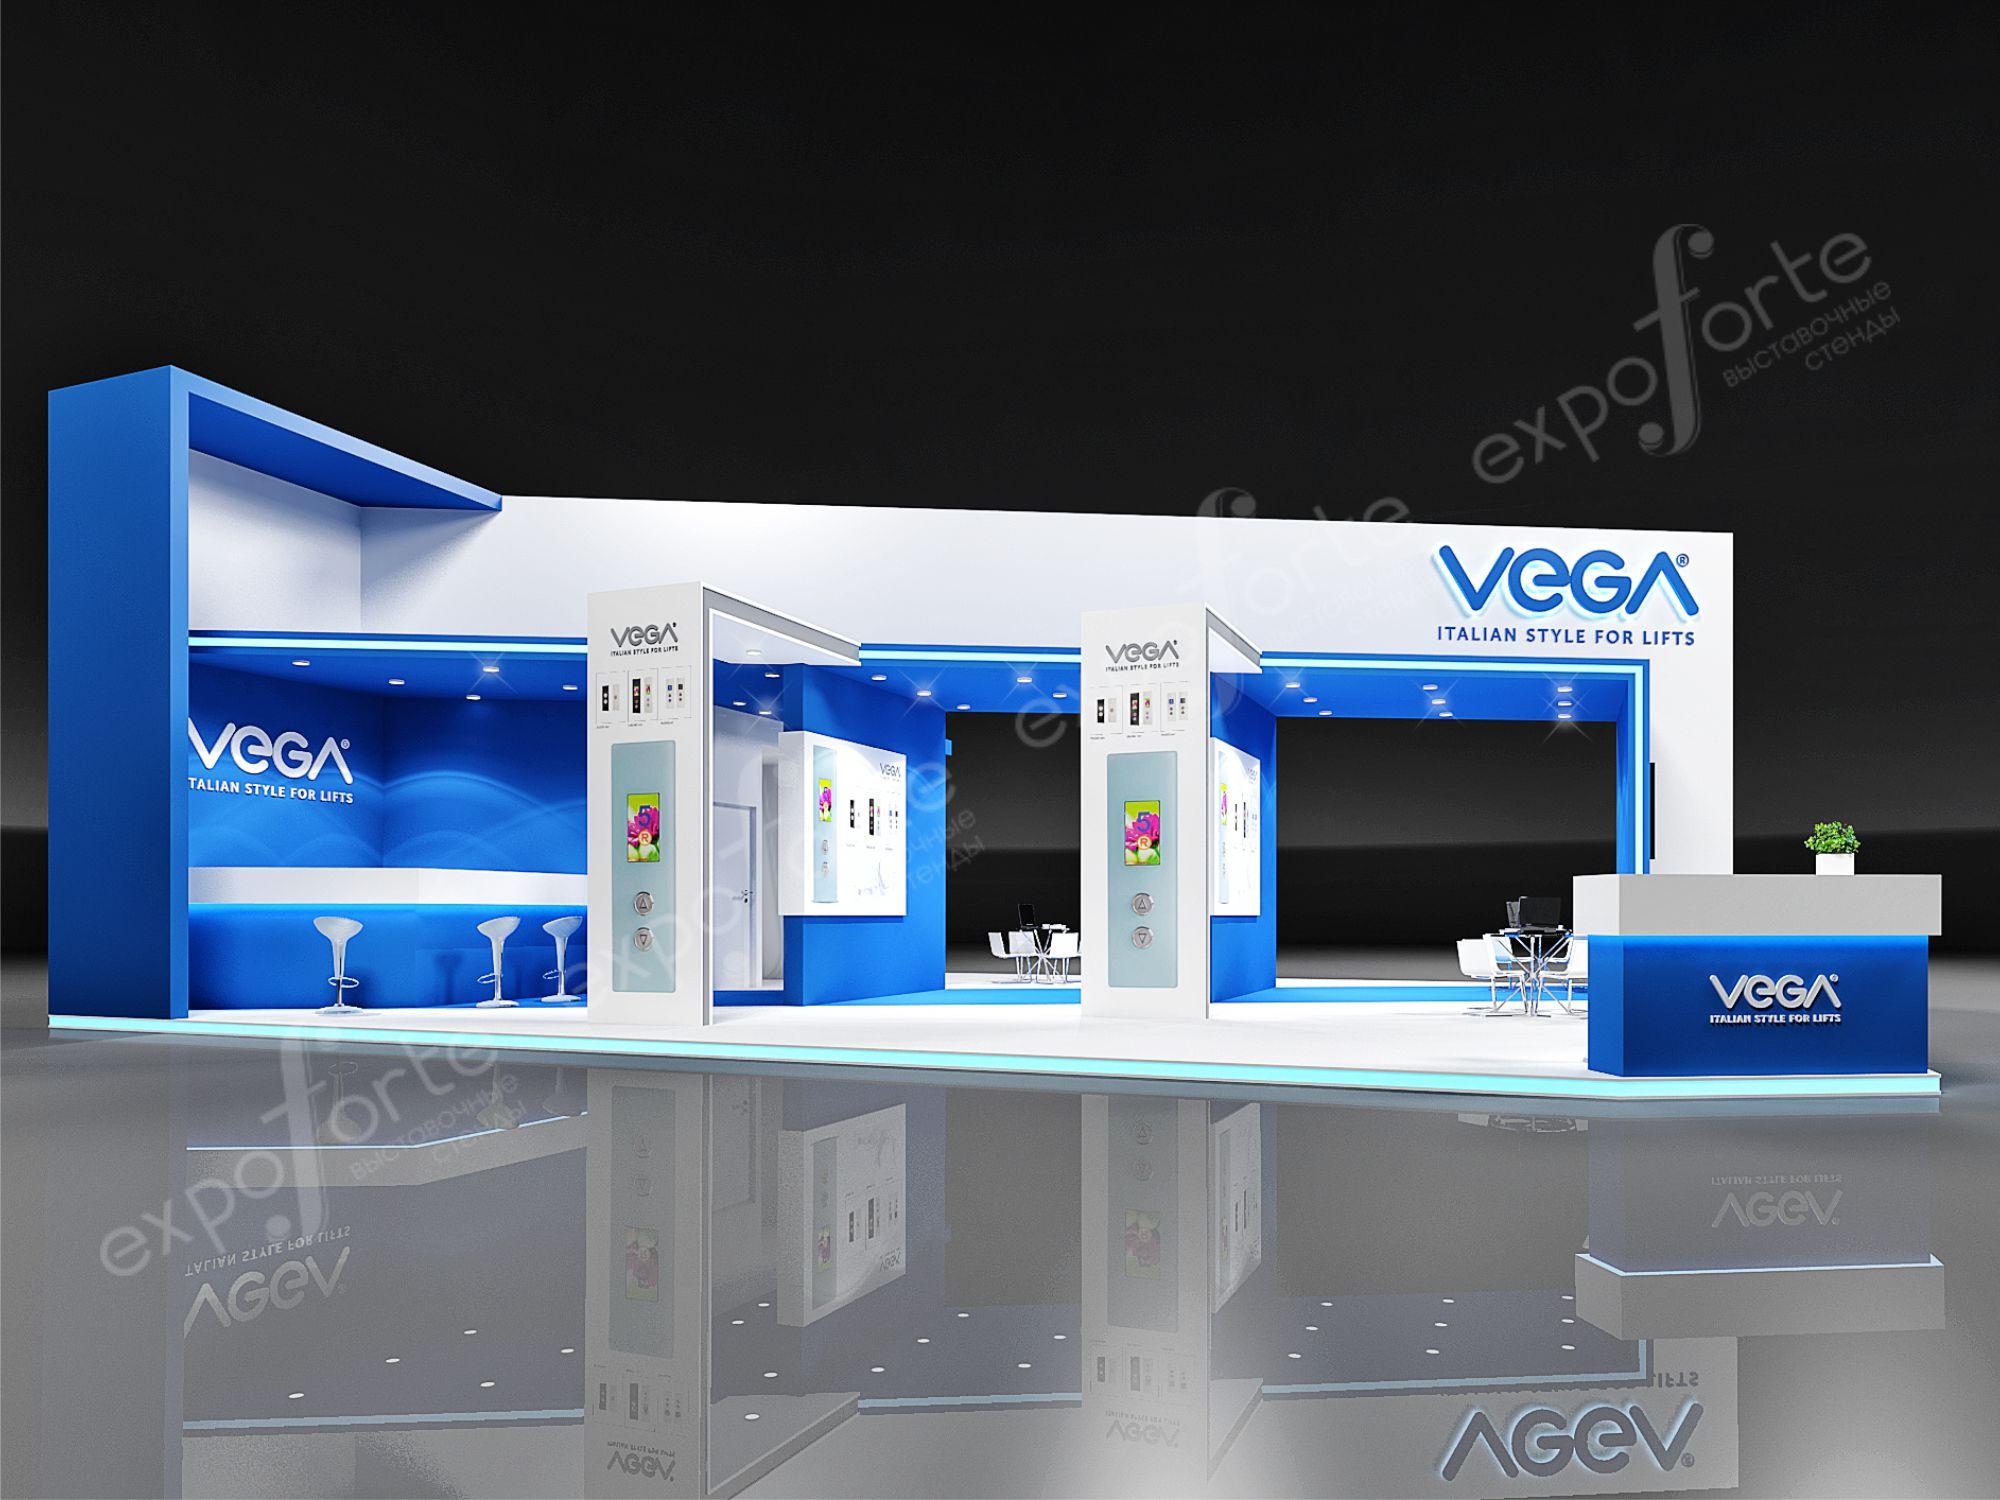 Фото: VEGA, выставка ИНТЕРЛИФТ – картинка 4